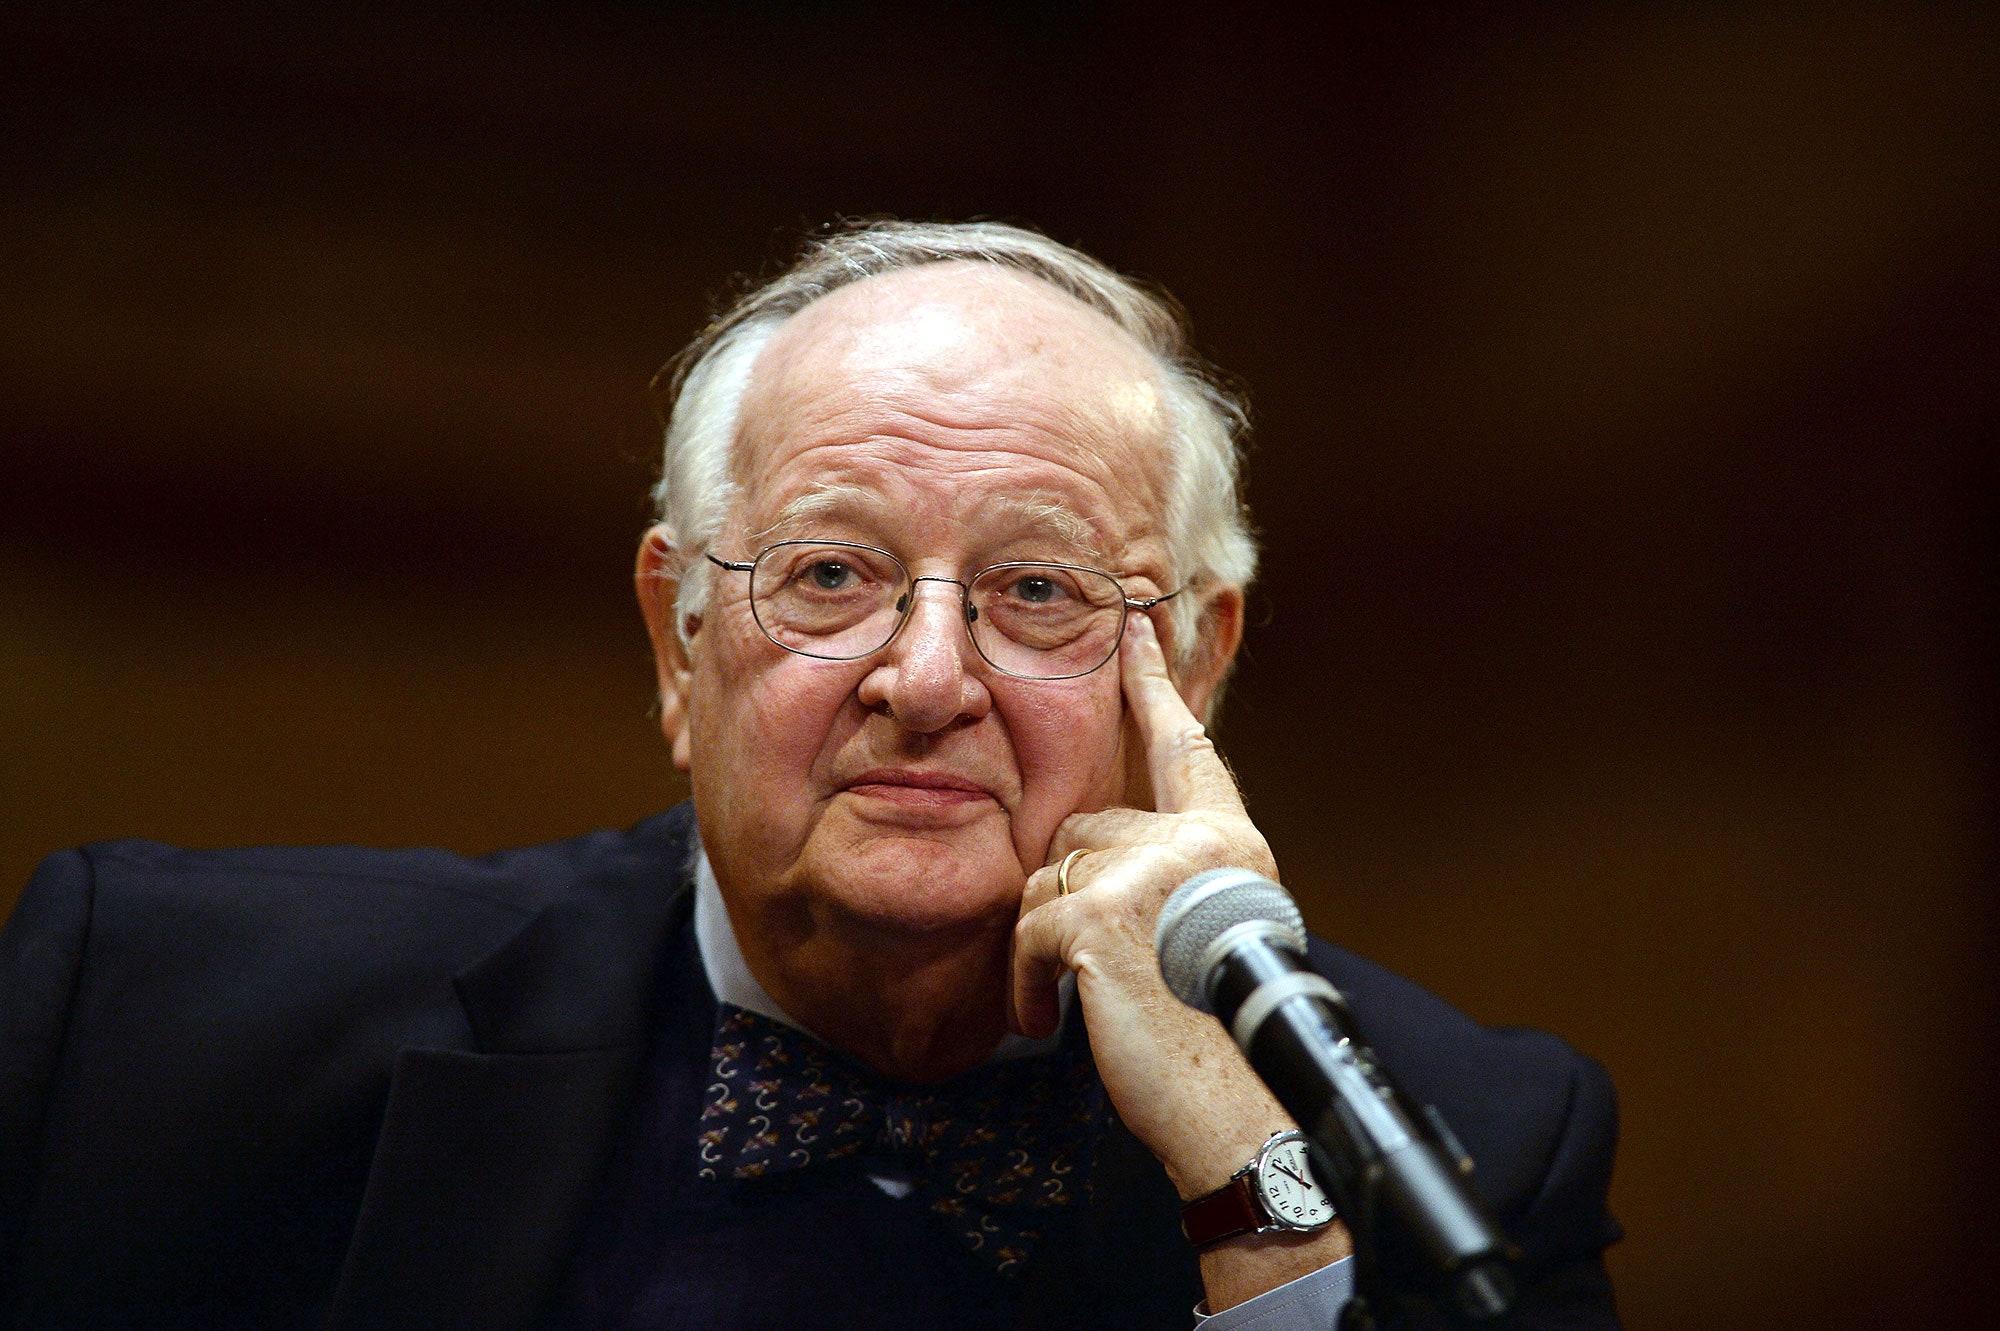 Nhà kinh tế đoạt giải Nobel nhận định về vấn đề đánh thuế tài sản - Ảnh 1.